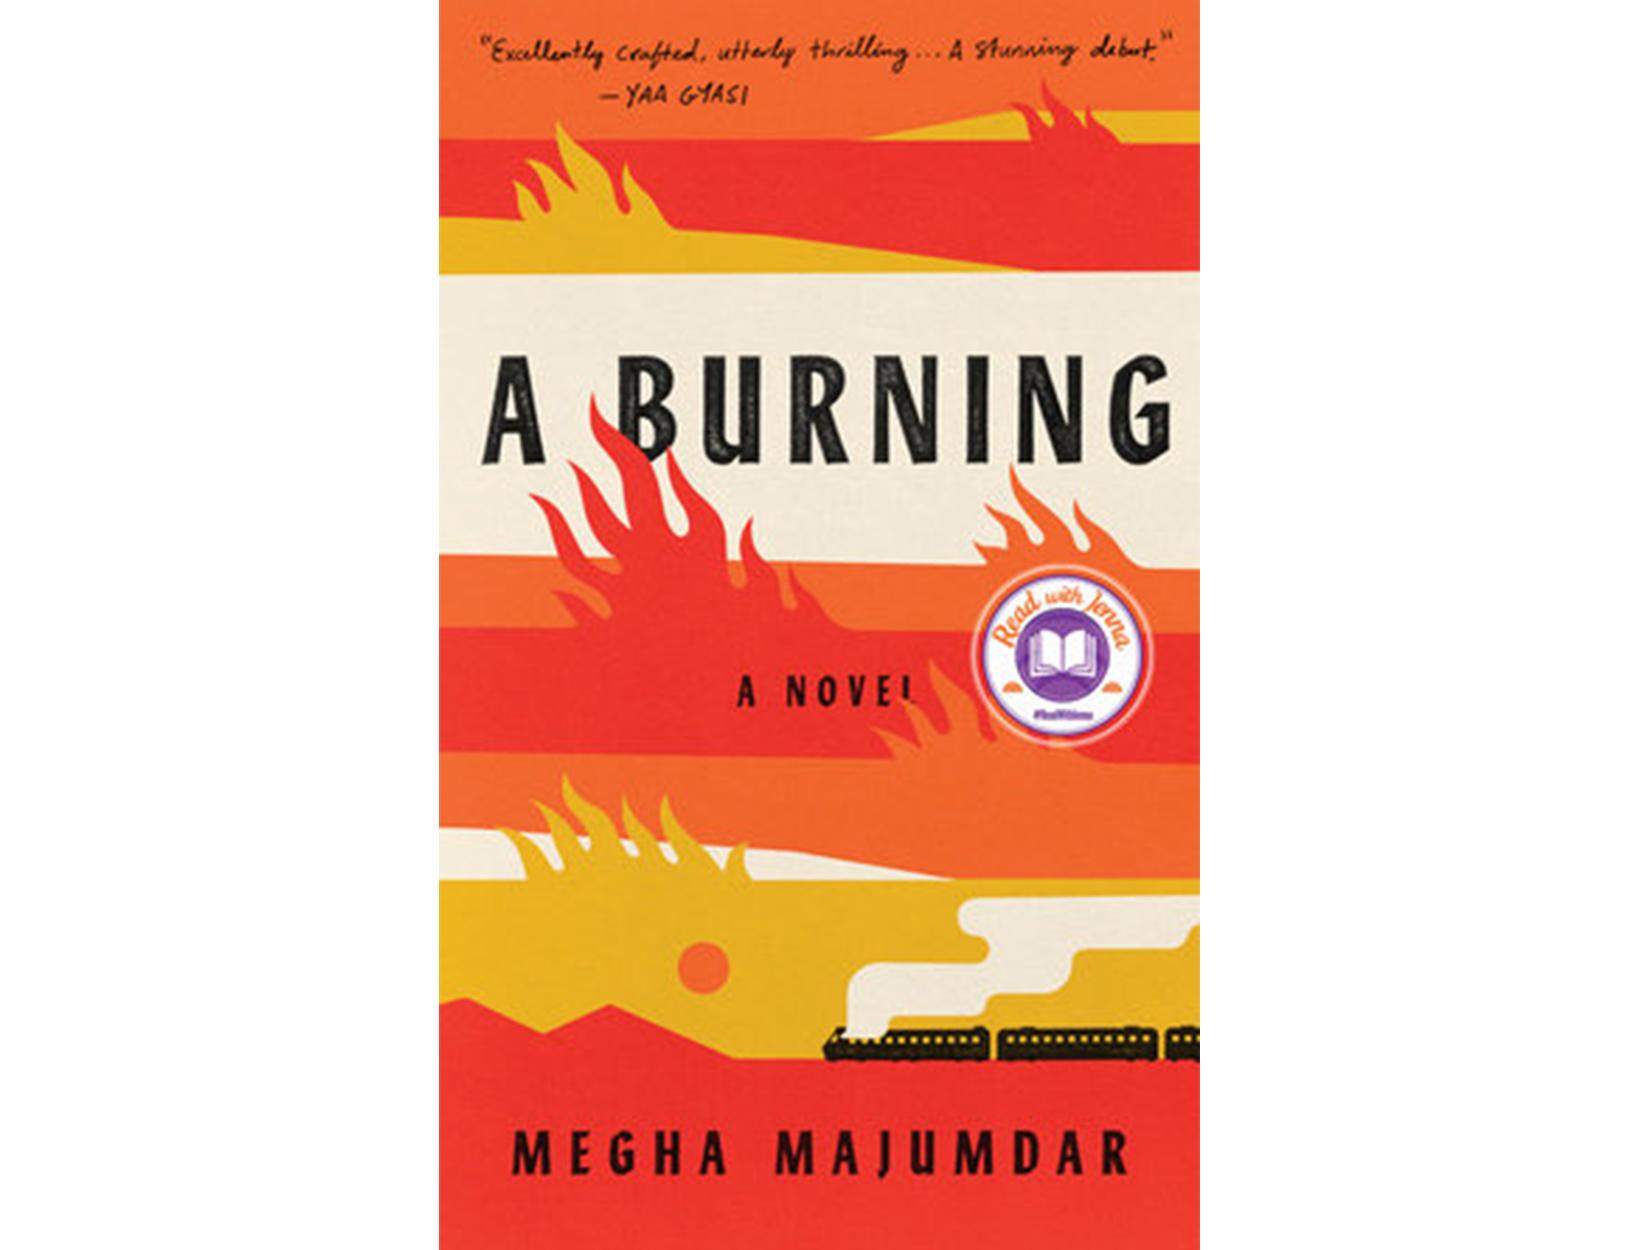 <em>A Burning</em> by Megha Majumdar